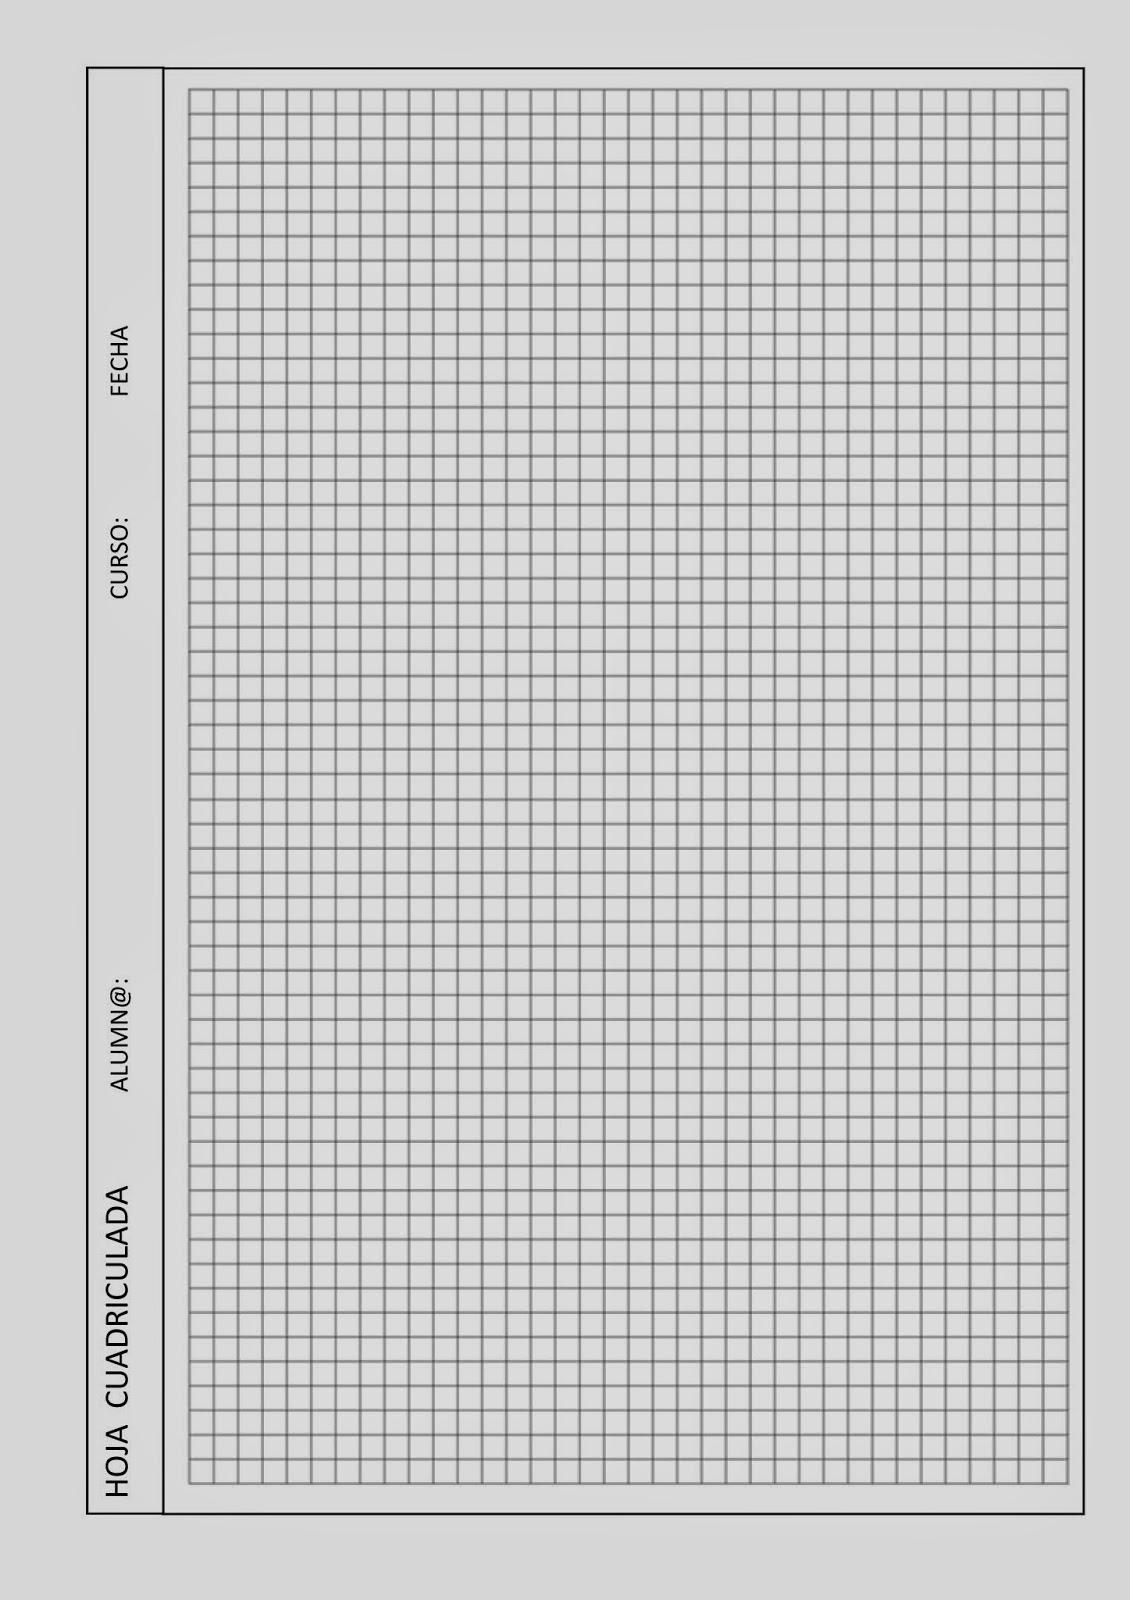 Dibujo y representaci n gr fica 3 a o e i c o 2 0 1 7 for Pagina para hacer planos gratis